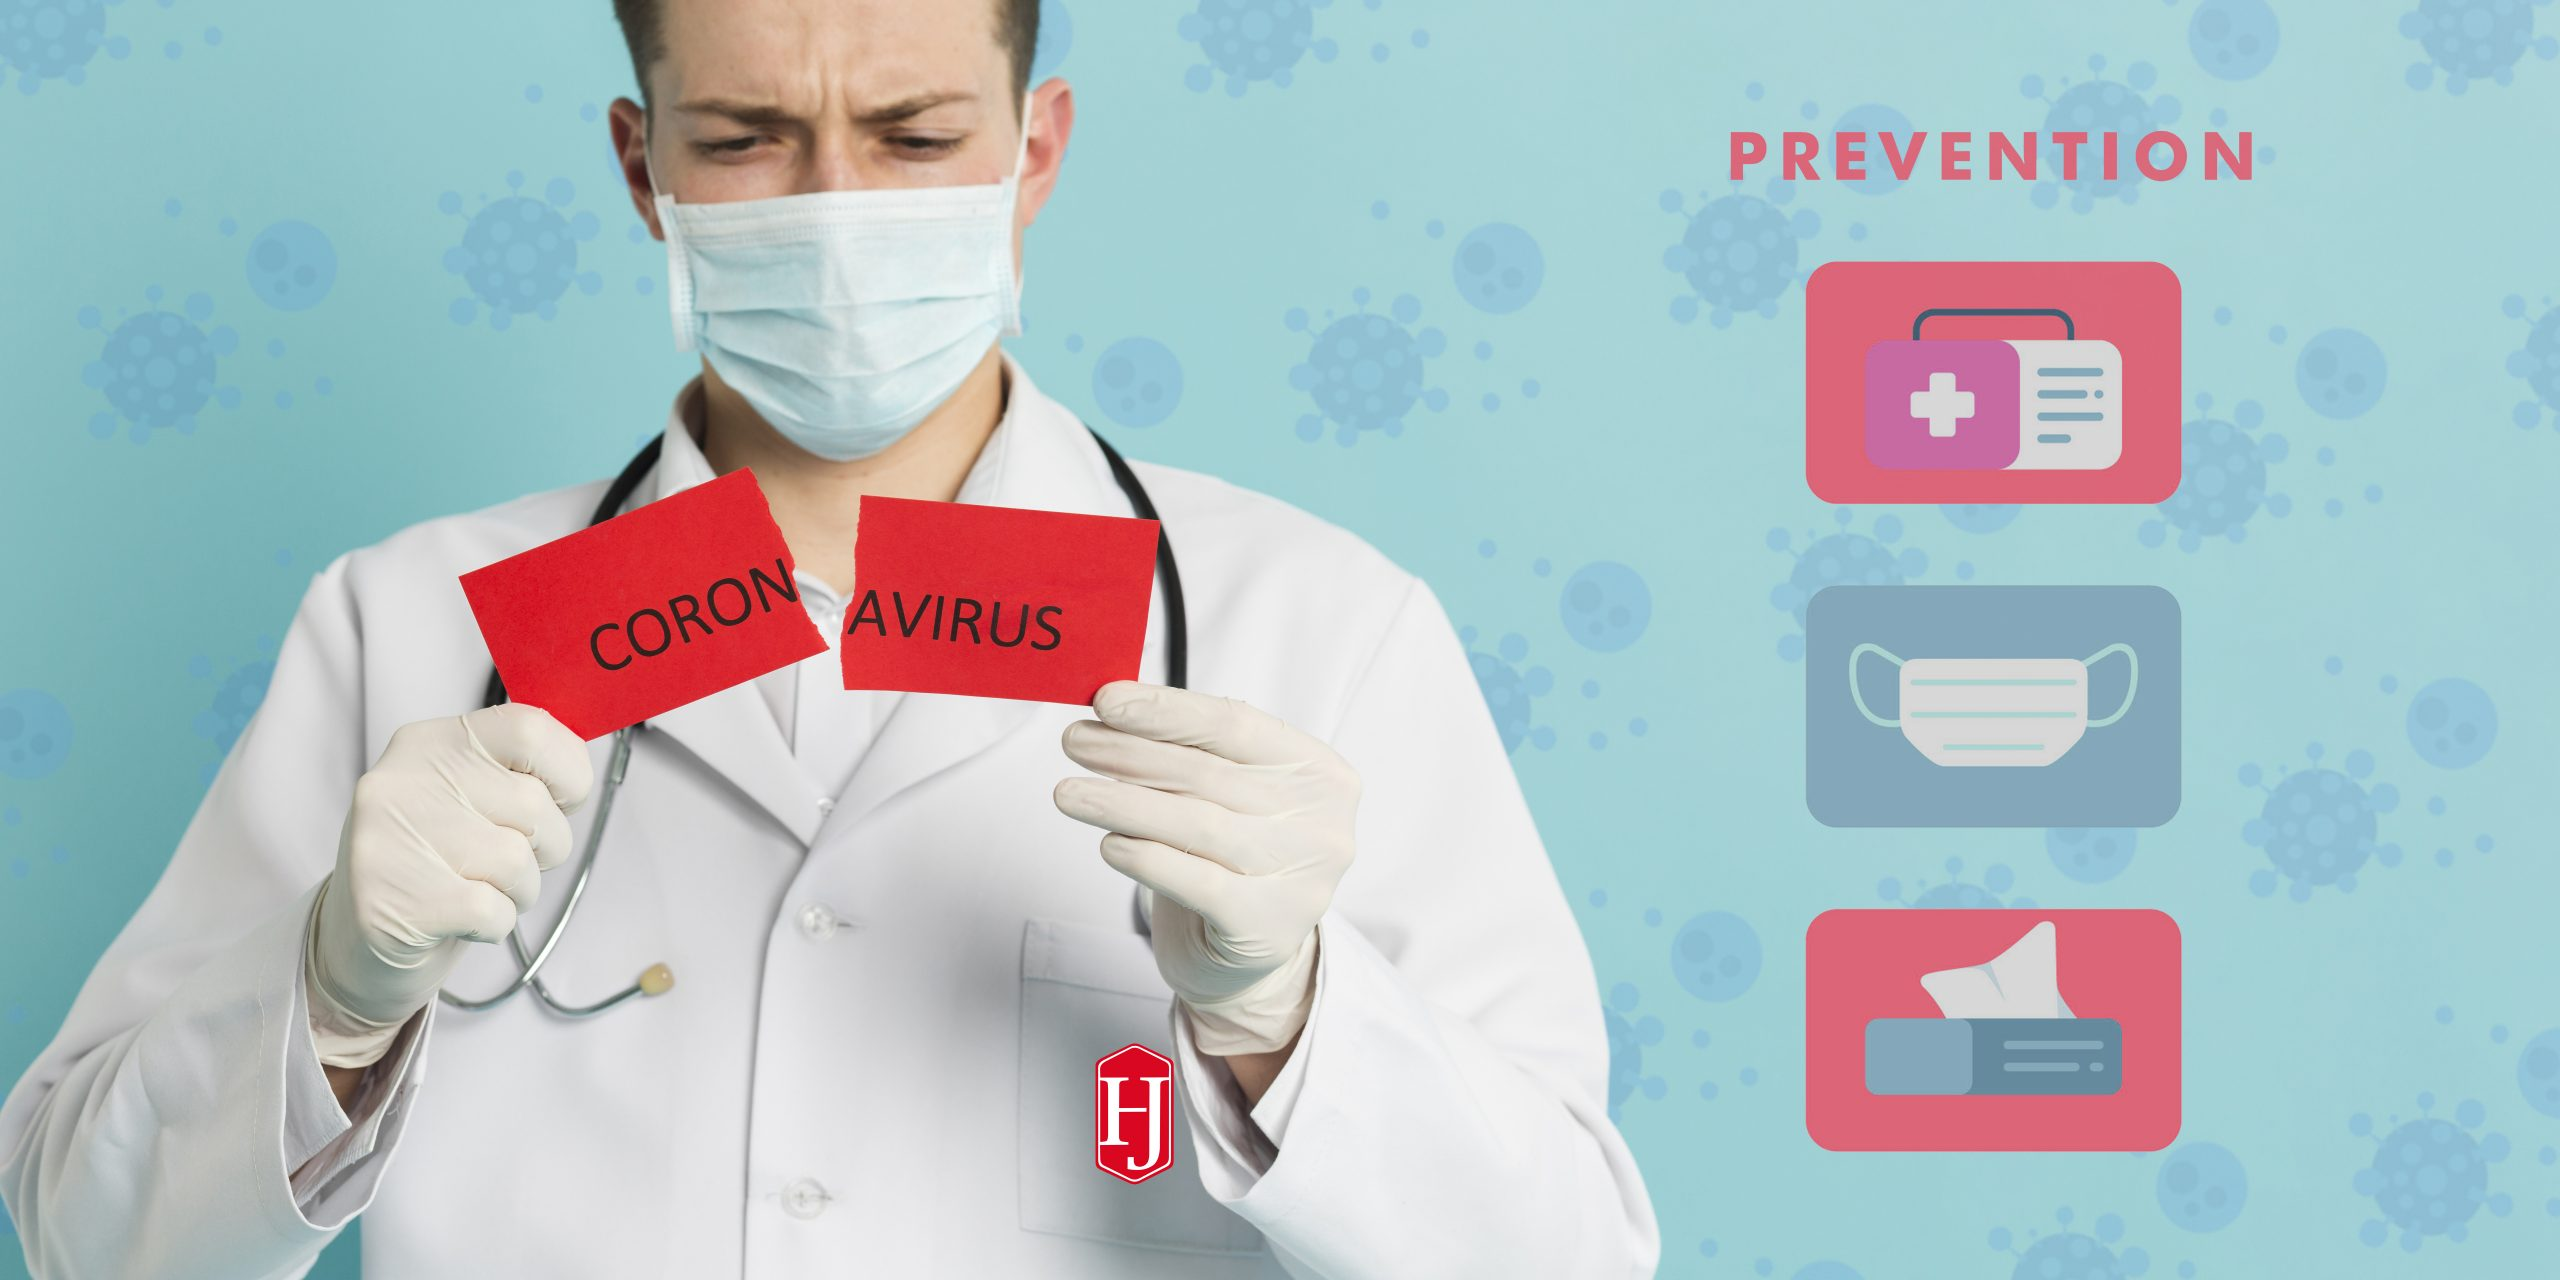 ¿Cómo protegernos del Coronavirus?